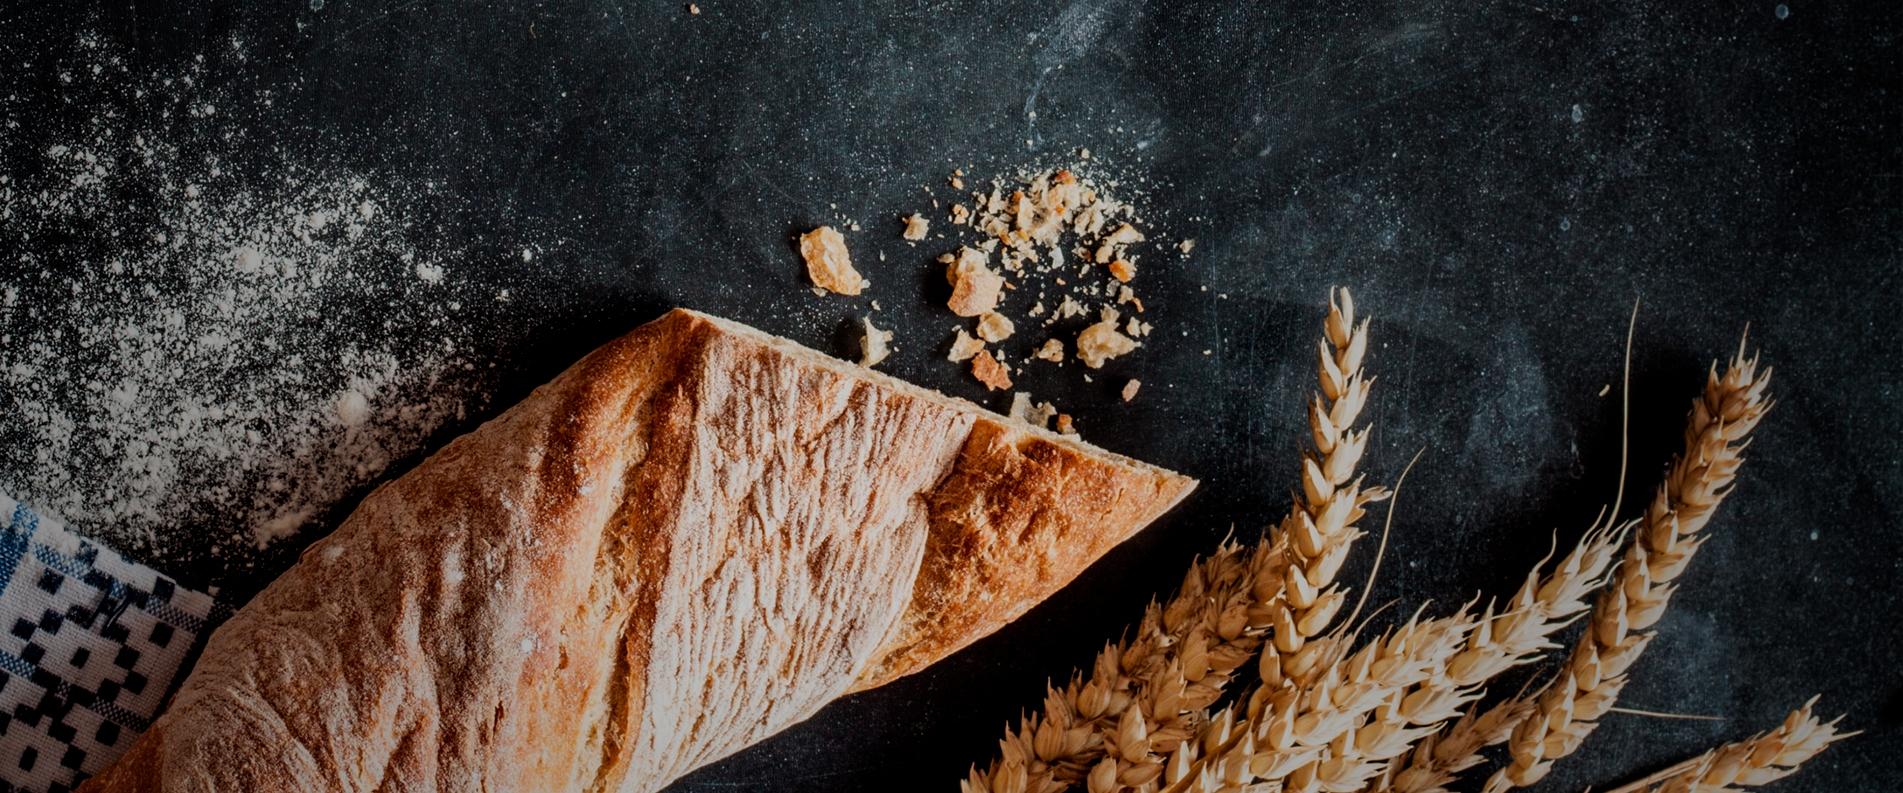 Как делают хлеб на Кипре